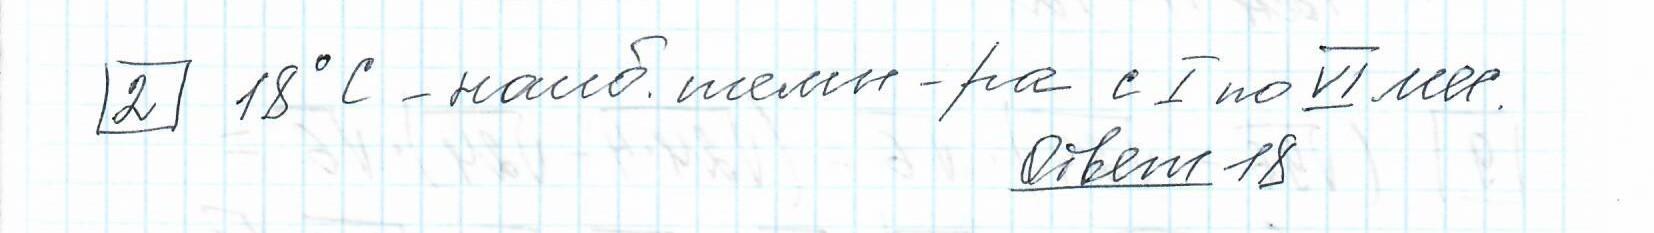 Задние 2, Вариант 7, решение и ответ - Ященко ЕГЭ 2019 математика профиль 36 вариантов